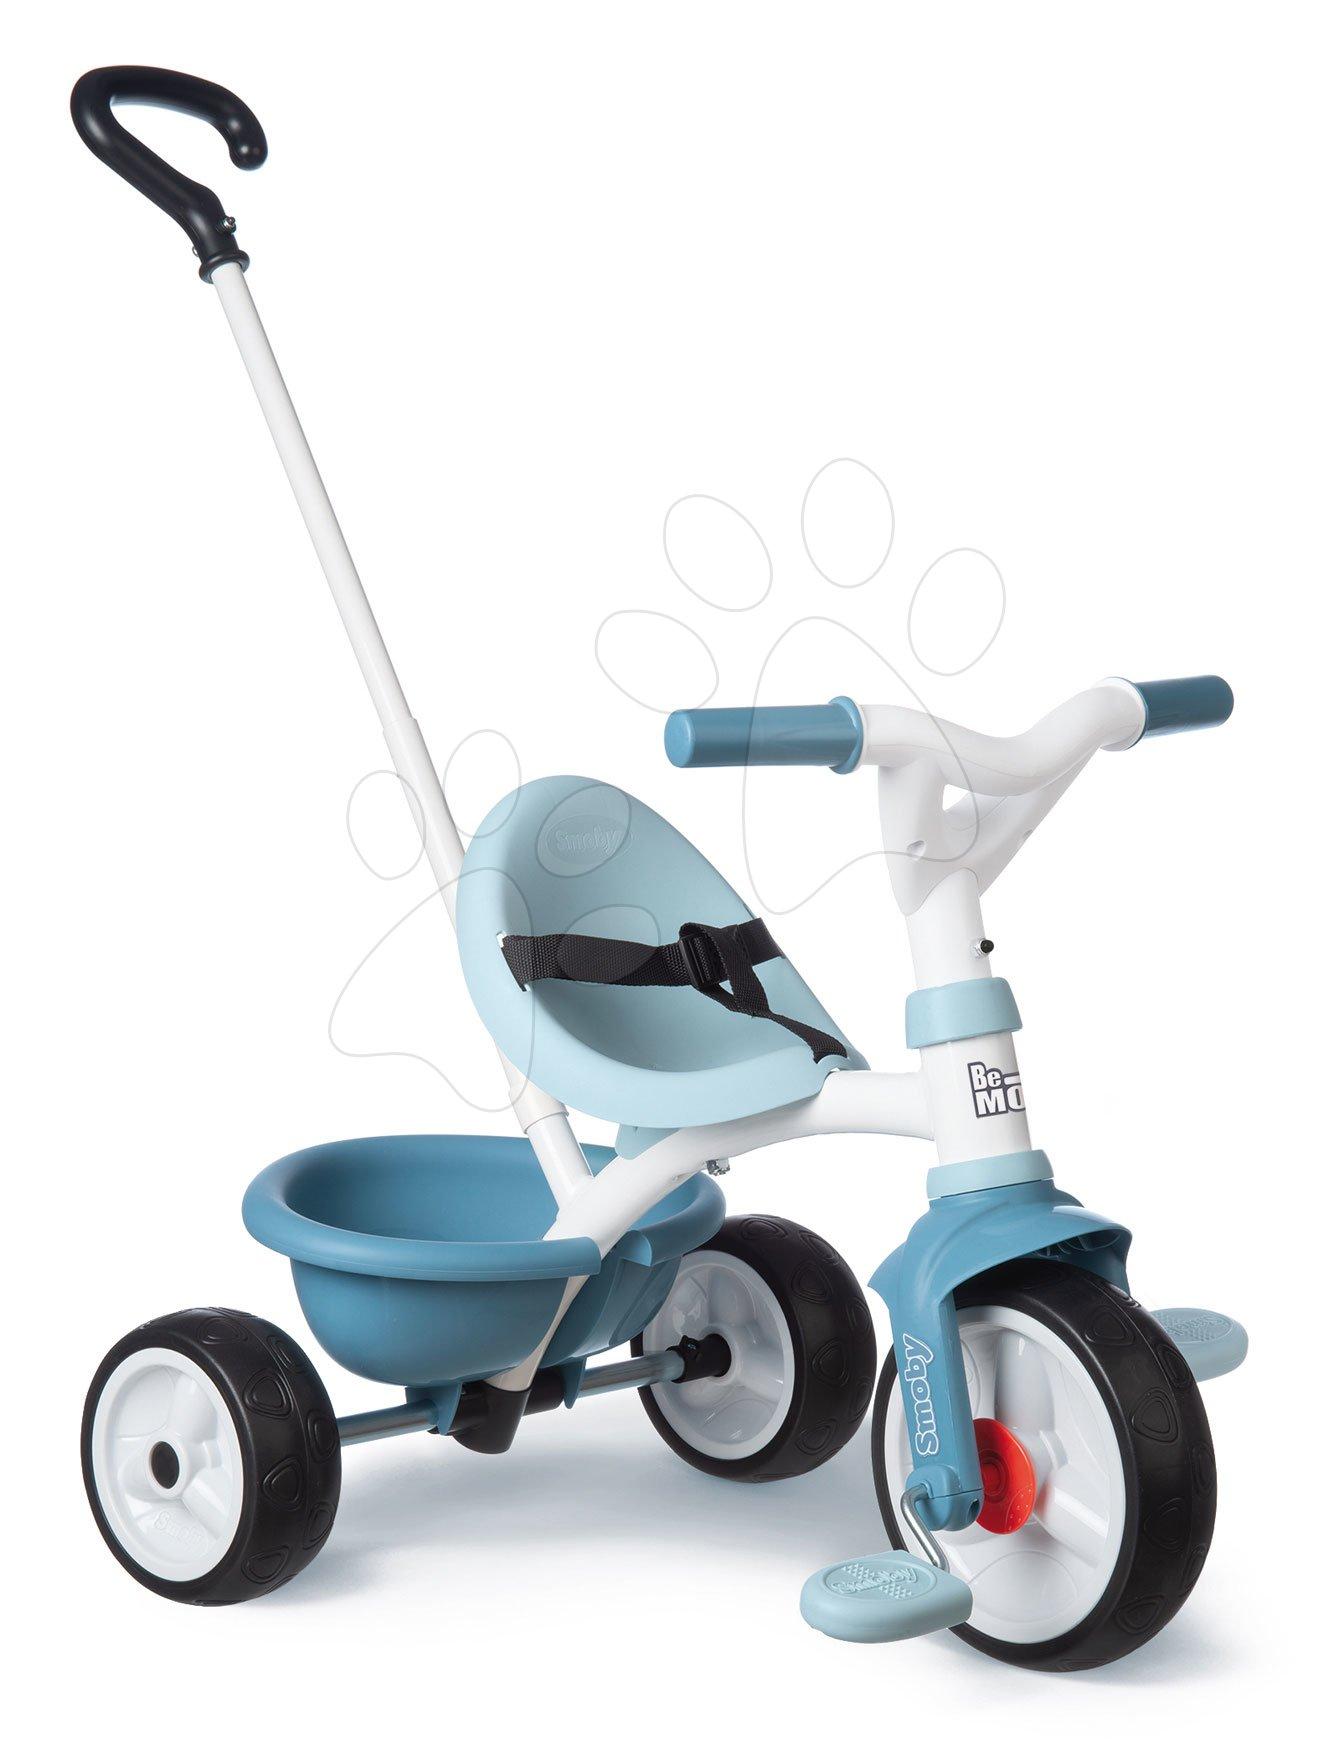 Tříkolka s volnoběhem Be Move Tricycle Blue Smoby s vodicí tyčí a EVA koly modrá od 15 měsíců